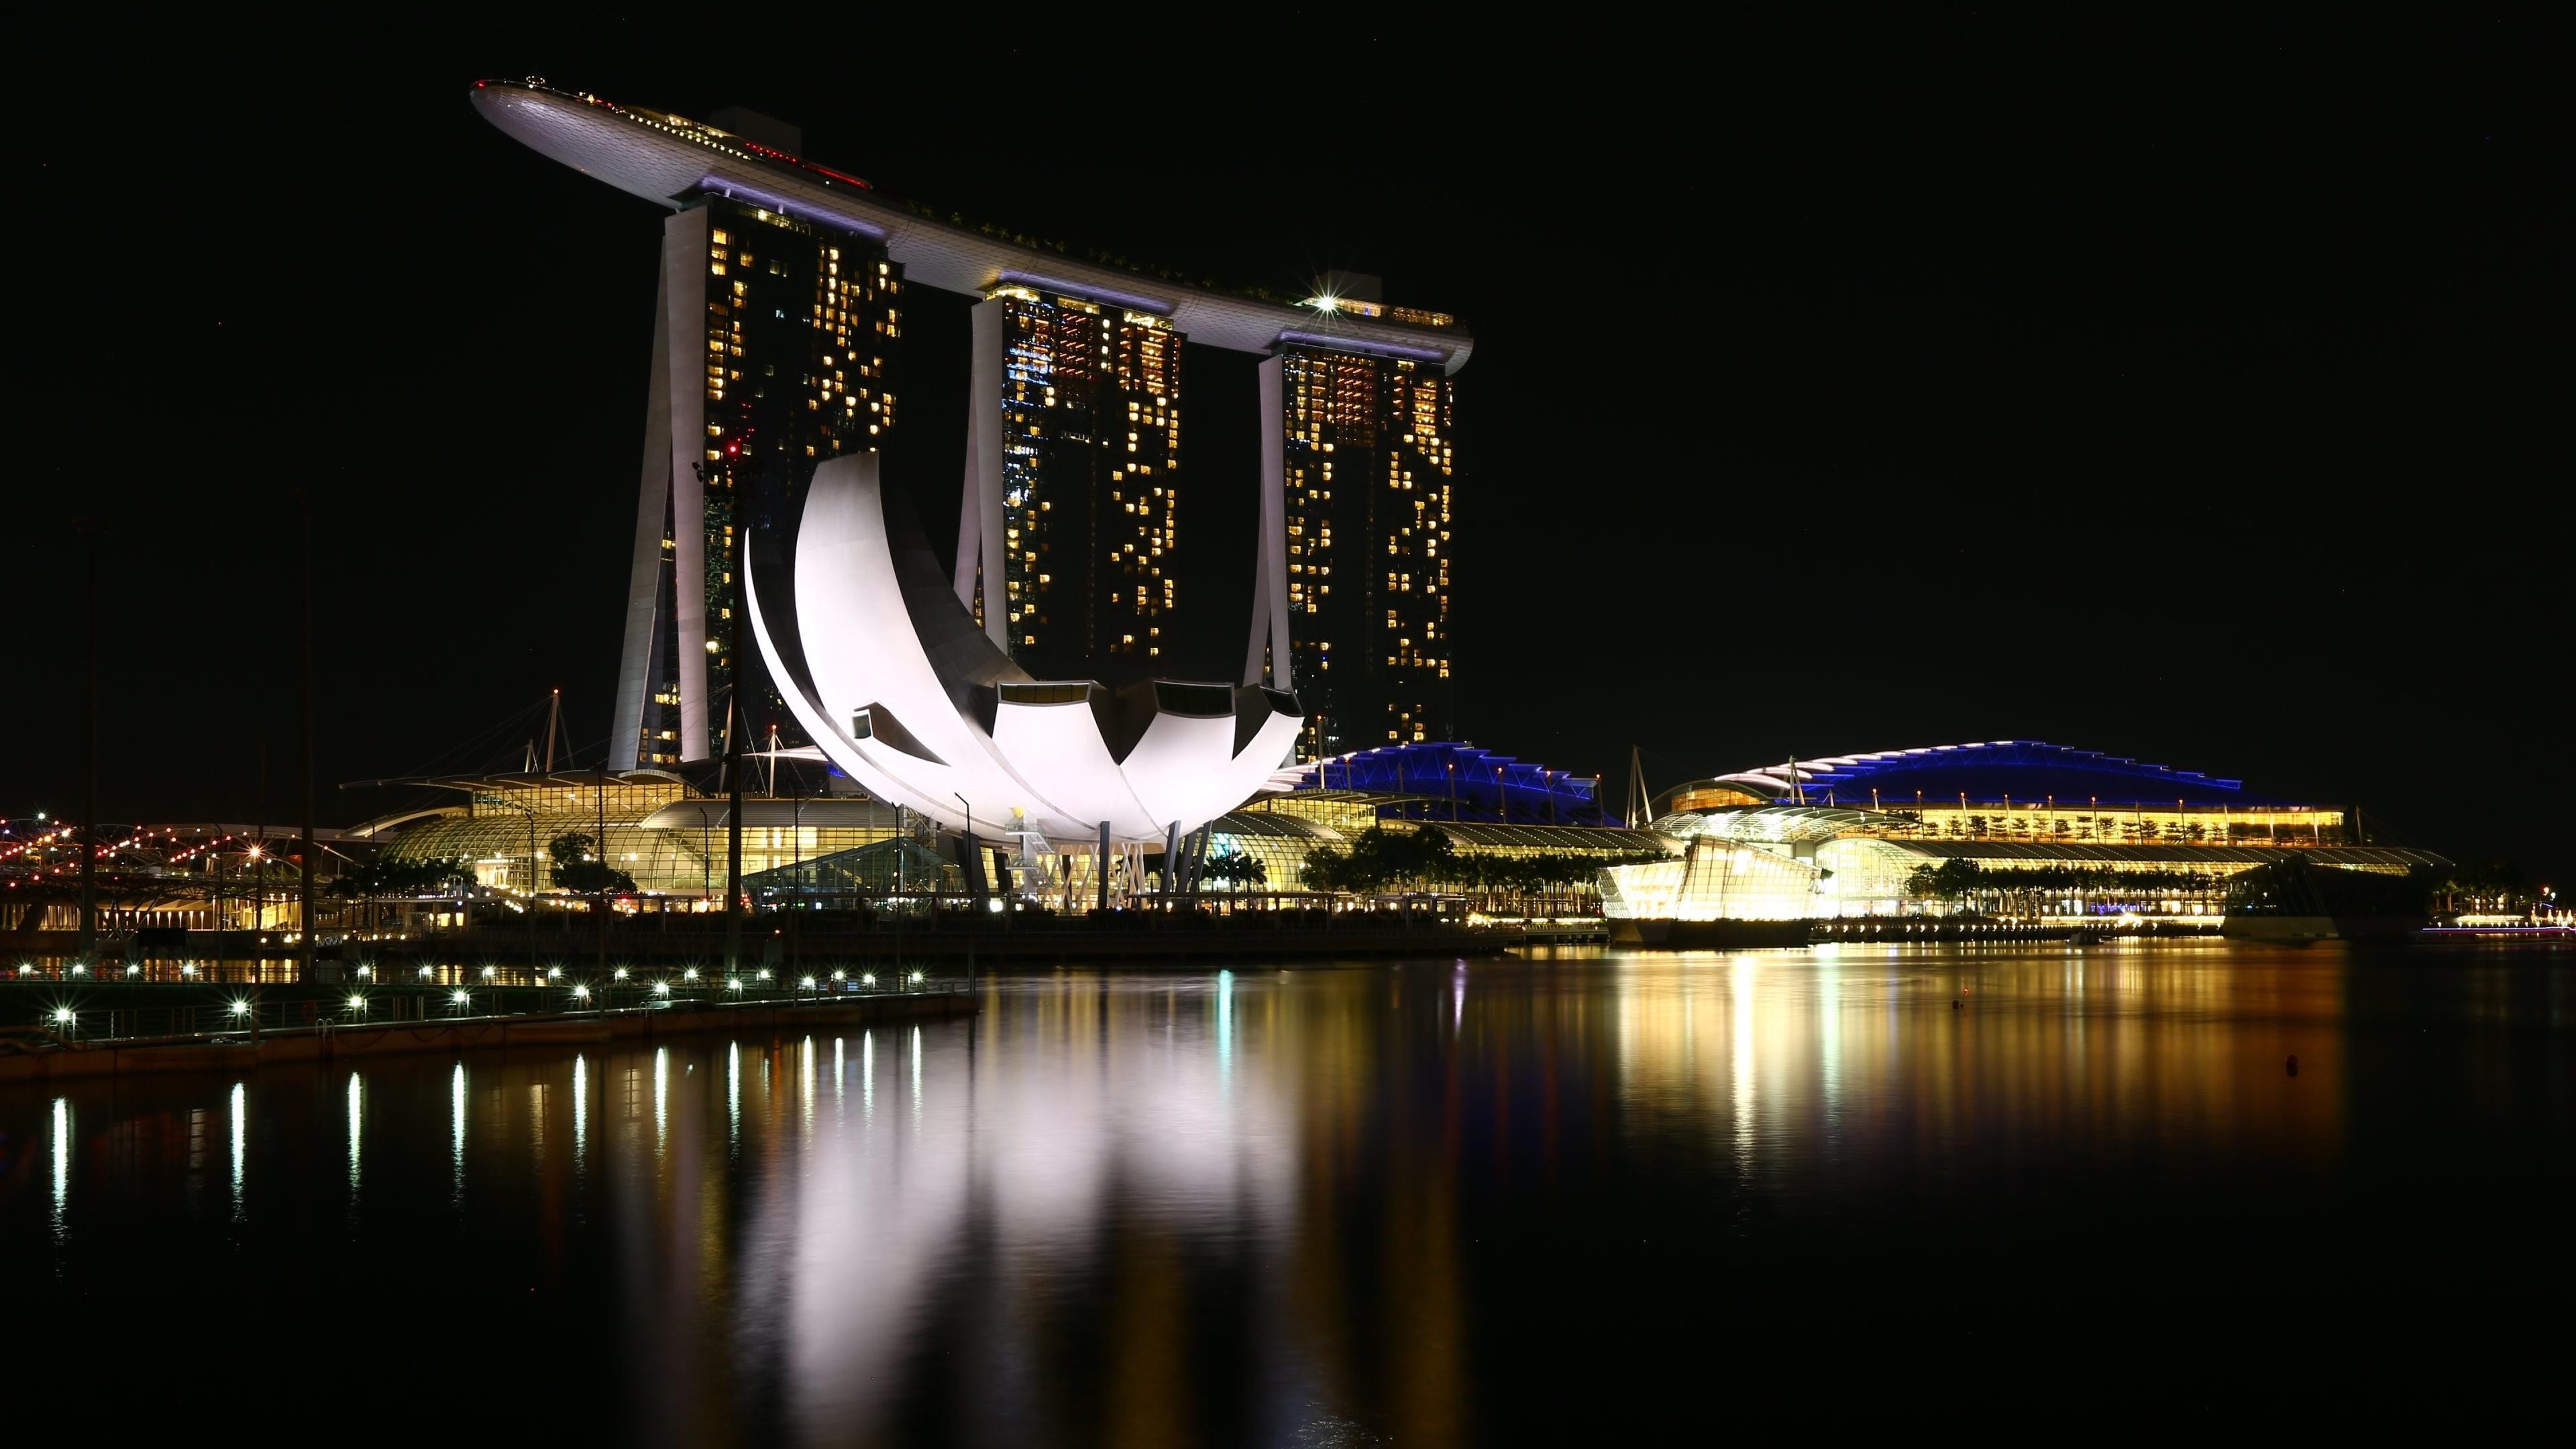 Marina Bay at night, Singapore wallpaper